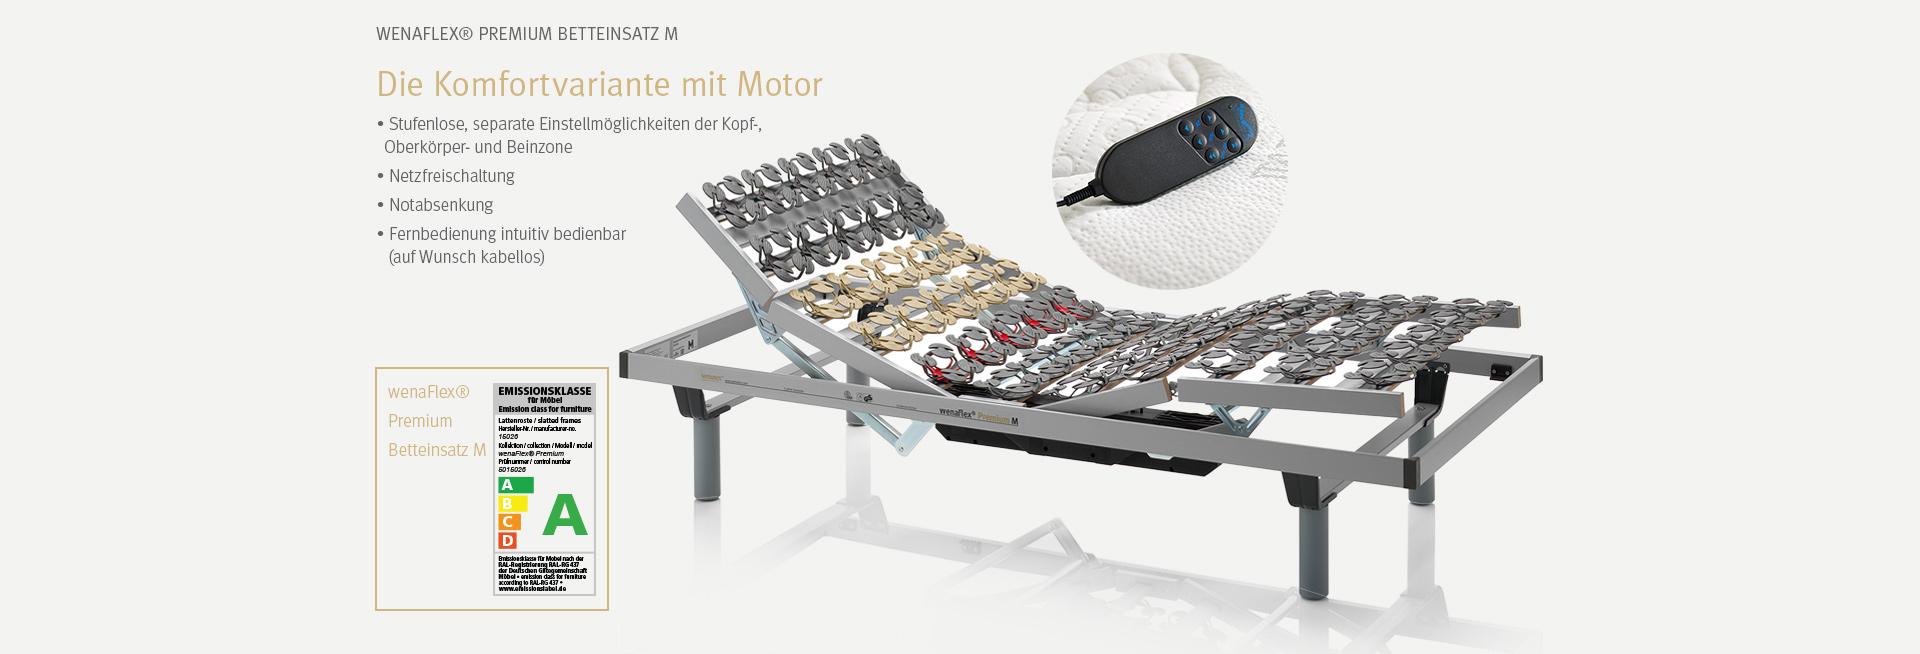 Der wenaFlex® Premium Betteinsatz | Der Komfort-Lattenrost mit Motor